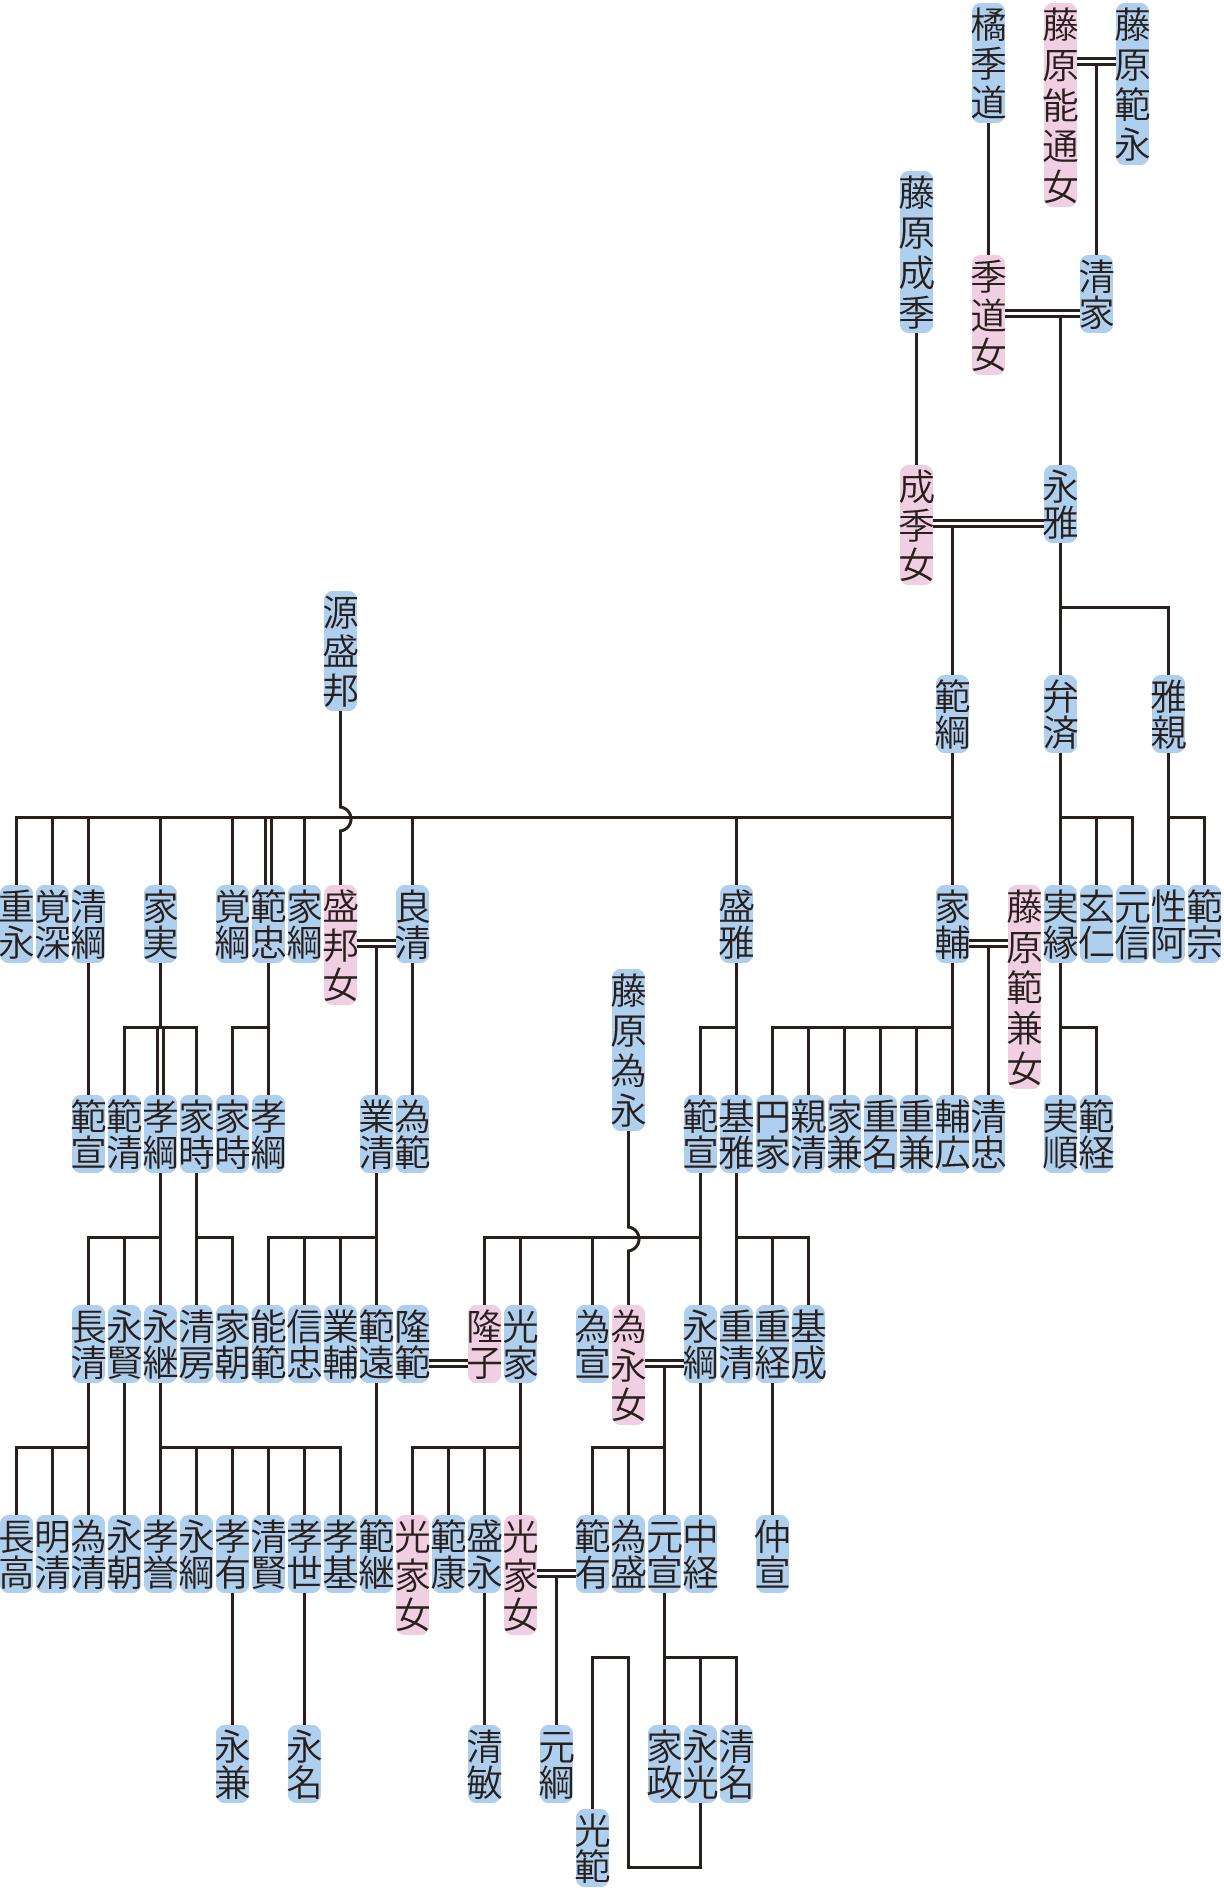 藤原永雅・範綱の系図